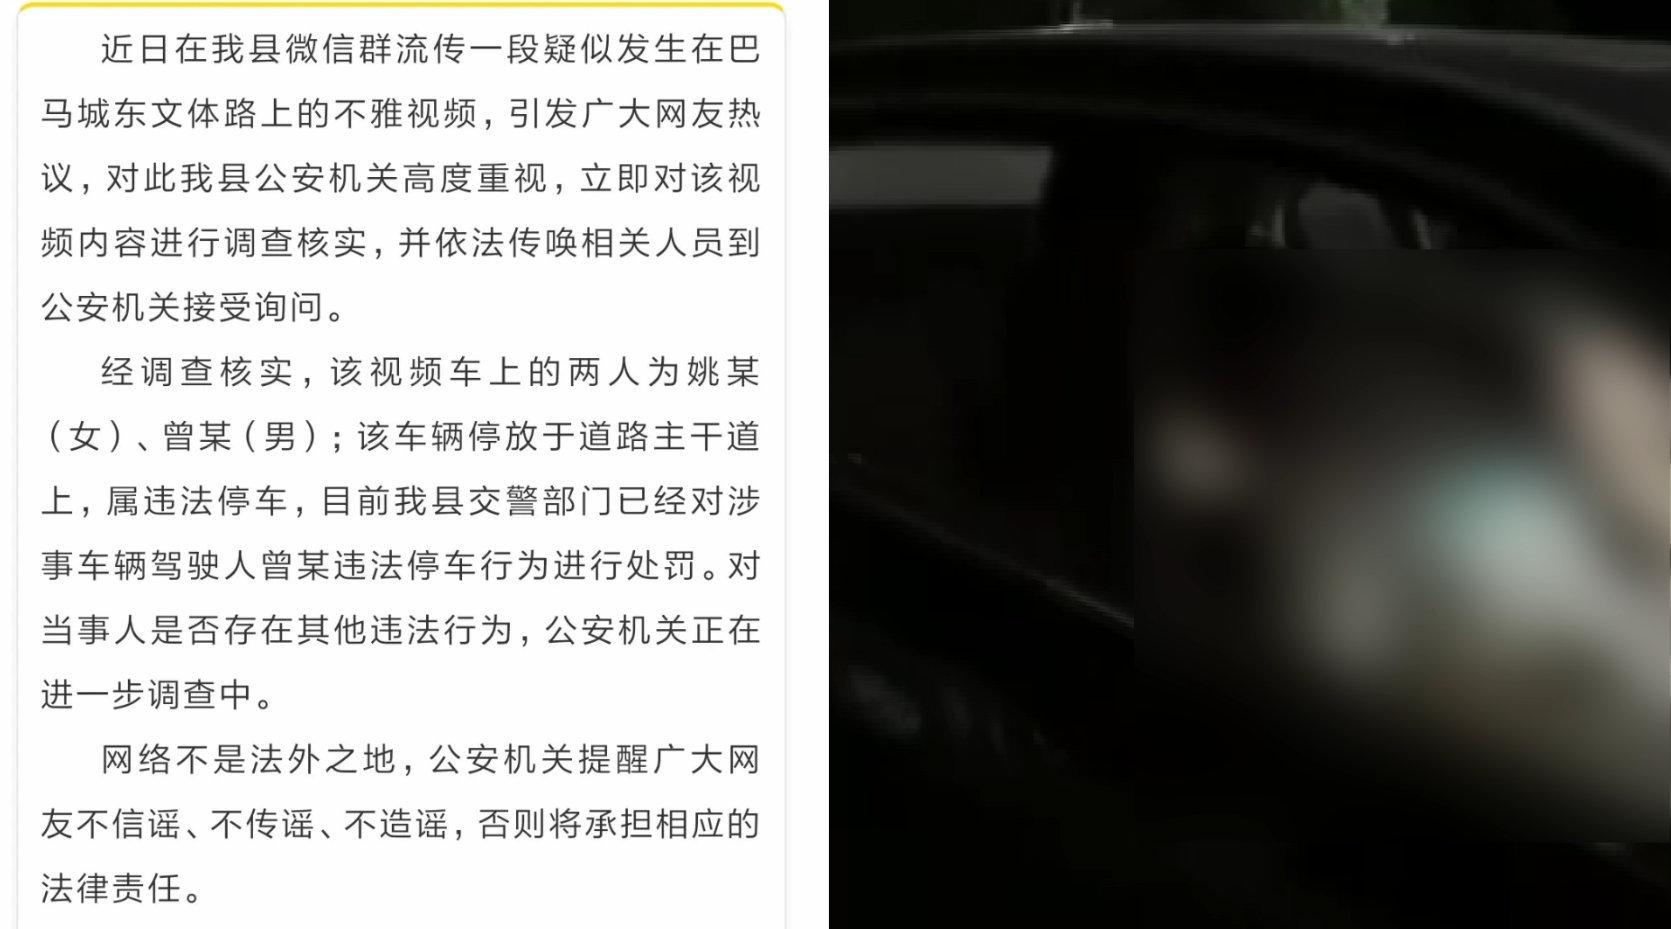 宝马车内一对男女做不雅举止,警方通报:对违法停车行为已处罚